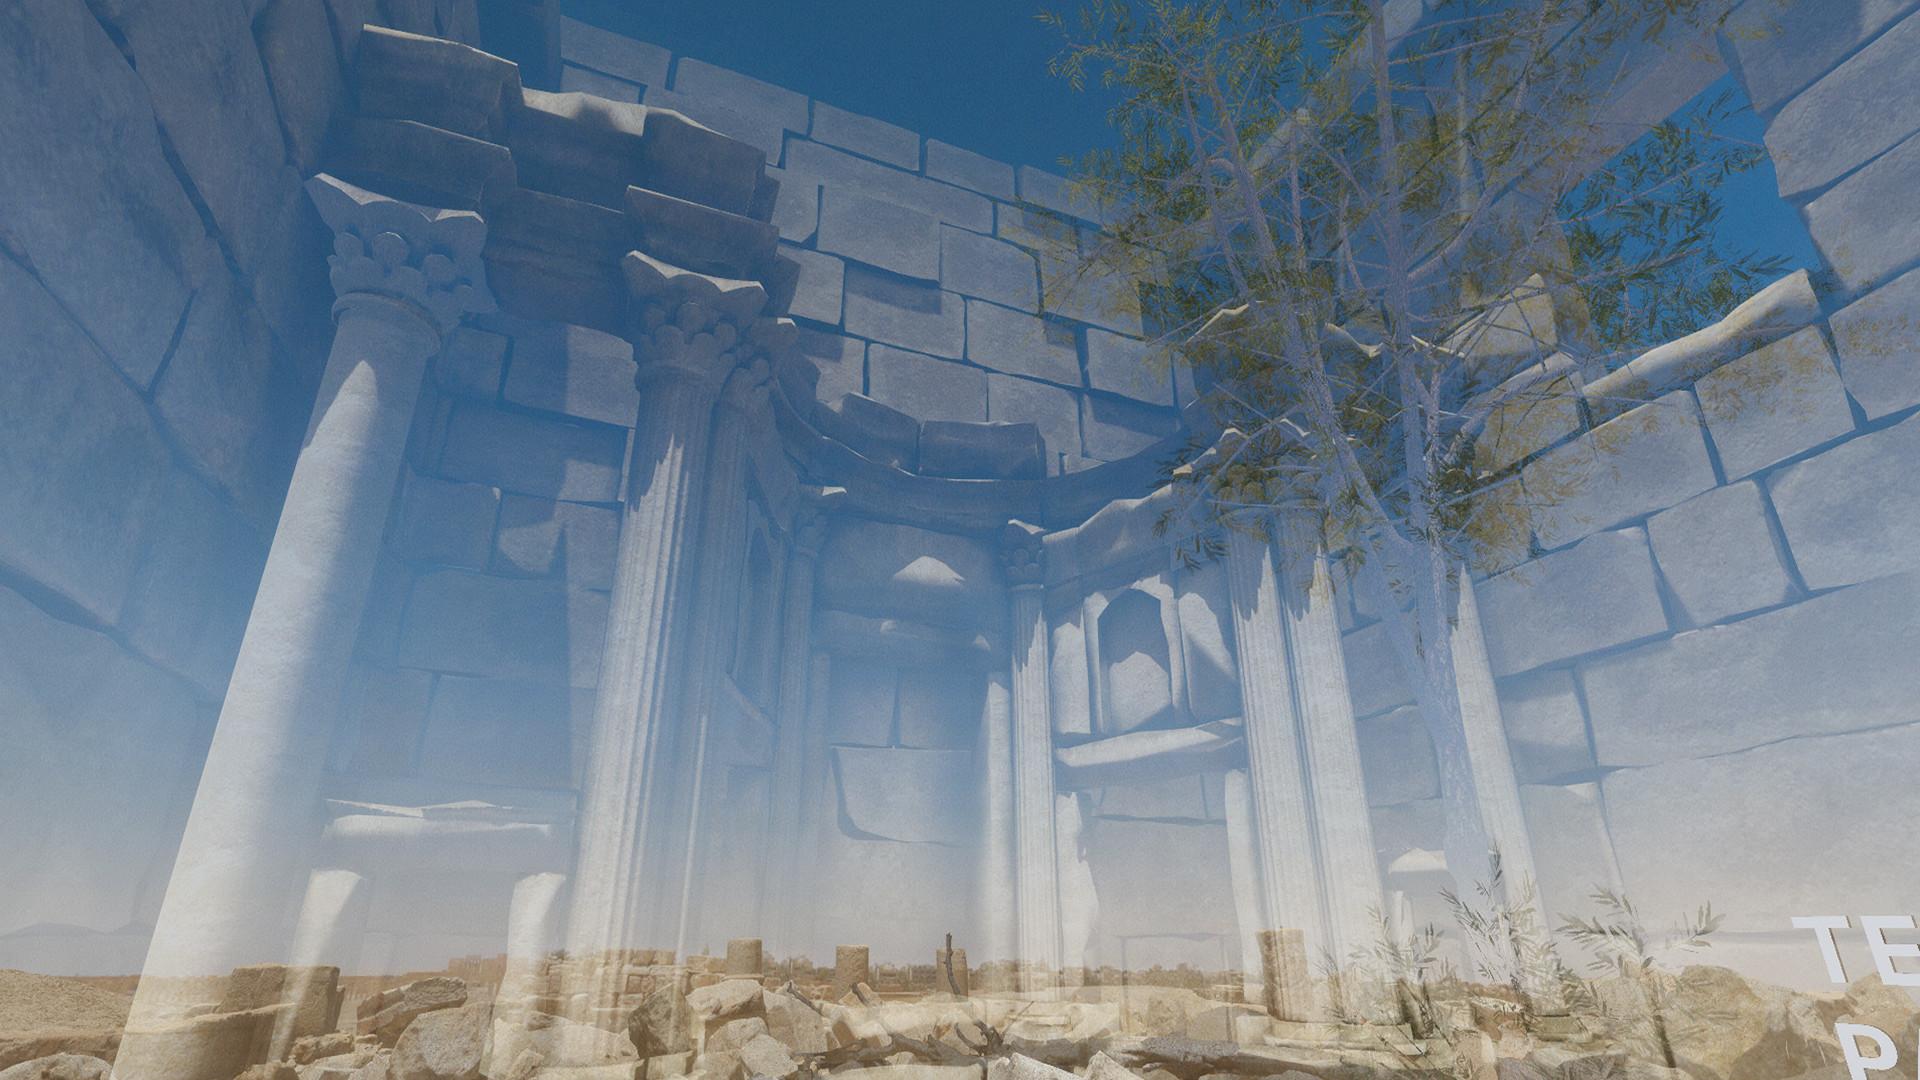 Tempel des Baalshamin in Palmyra, Syrien © Iconem/DGAM/Ubisoft